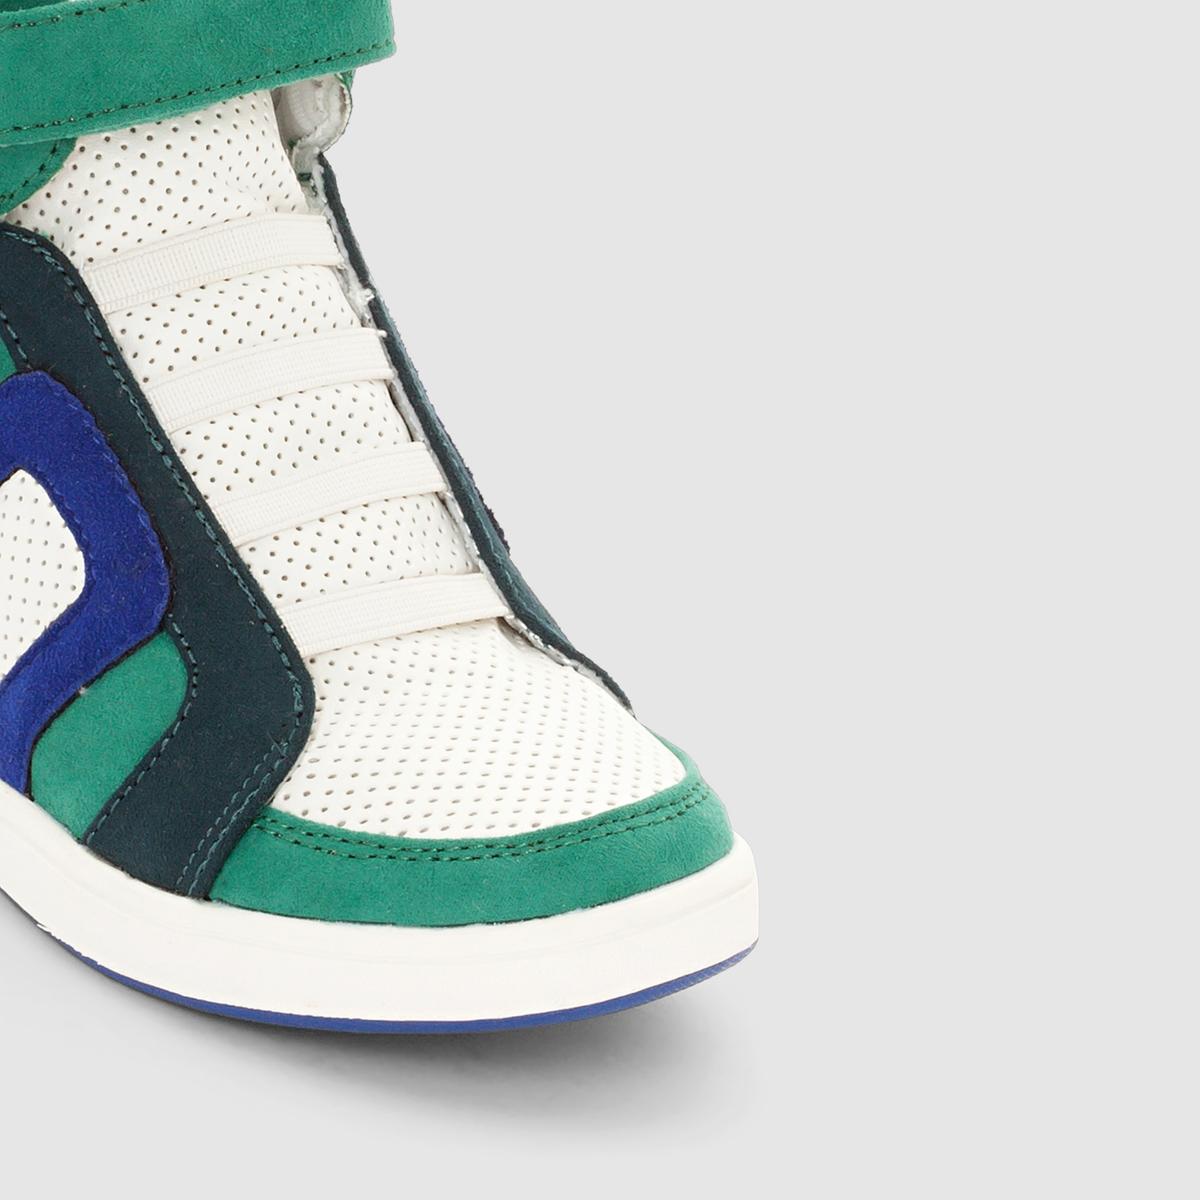 Кеды высокие на эластичной шнуровкеВерх : синтетика           Подкладка : текстиль           Стелька : текстиль           Подошва : эластомер           Застежка : эластичная шнуровка<br><br>Цвет: белый + синий + зеленый<br>Размер: 40.39.37.36.33